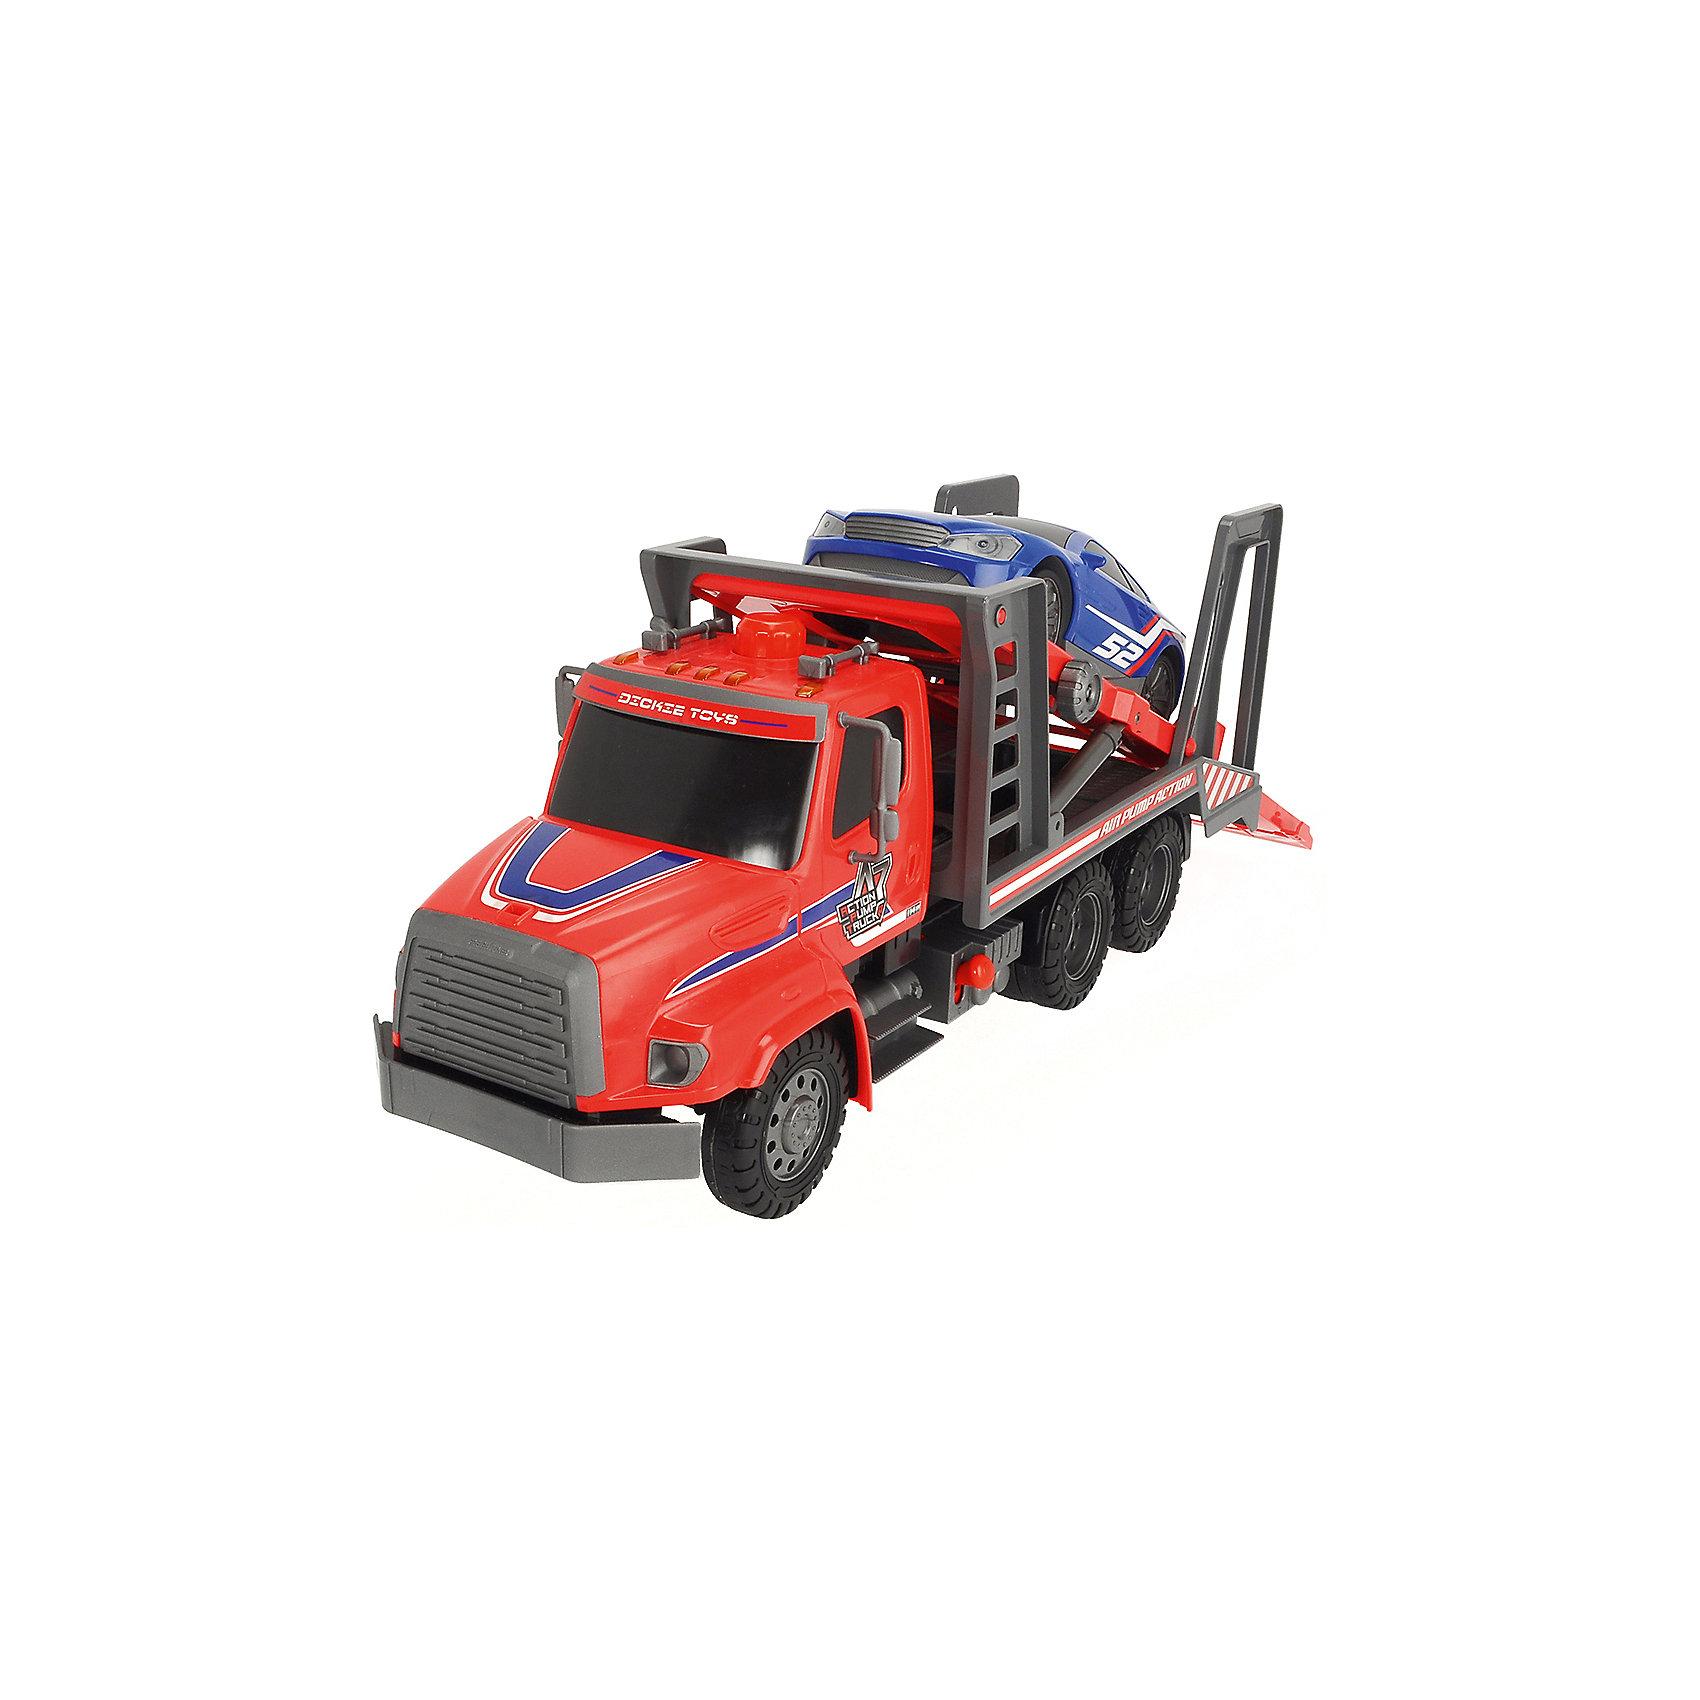 Транспортер AirPump, 57 см, Dickie ToysИгровые наборы<br>Характеристики:<br><br>• длина транспортера: 57 см;<br>• помповый насос работает без батареек;<br>• комплектация: транспортер, легковая машинка;<br>• размер упаковки: 59х28х19 см.<br><br>Габаритный транспортер Dickie Toys с системой AirPump оснащен подвижными элементами. Машинки загоняются в транспортер по специальному выдвижному пандусу, платформа с машинкой поднимается и опускается, срабатывает помповый механизм. Система AirPump отвечает за процесс накачки воздуха. Игра обогащает фантазию ребенка, знакомит с работой простых механизмов.<br><br>Транспортер AirPump, 57 см, Dickie Toys можно купить в нашем магазине.<br><br>Ширина мм: 190<br>Глубина мм: 280<br>Высота мм: 590<br>Вес г: 2048<br>Возраст от месяцев: 36<br>Возраст до месяцев: 120<br>Пол: Мужской<br>Возраст: Детский<br>SKU: 5258957